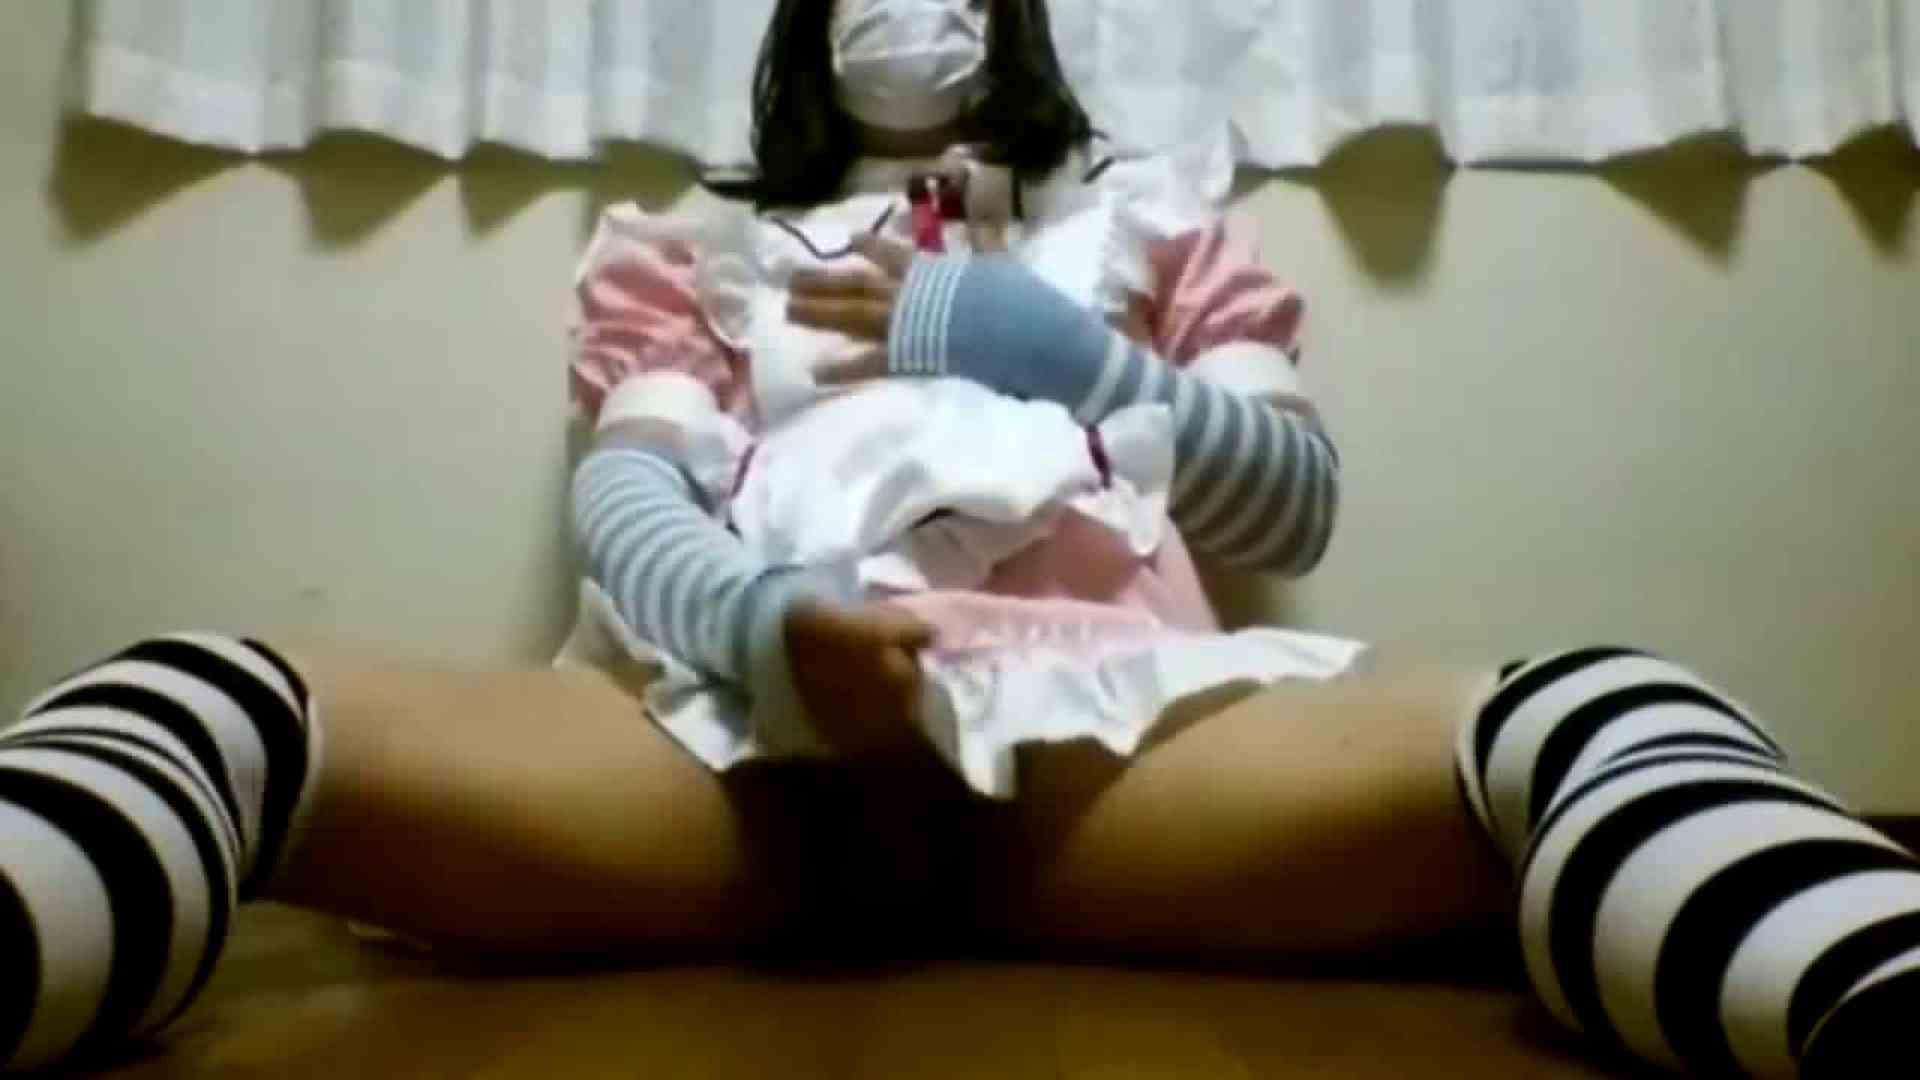 男のKOスプレー!Vol.10 オナニー | 手コキ アダルトビデオ画像キャプチャ 73pic 49